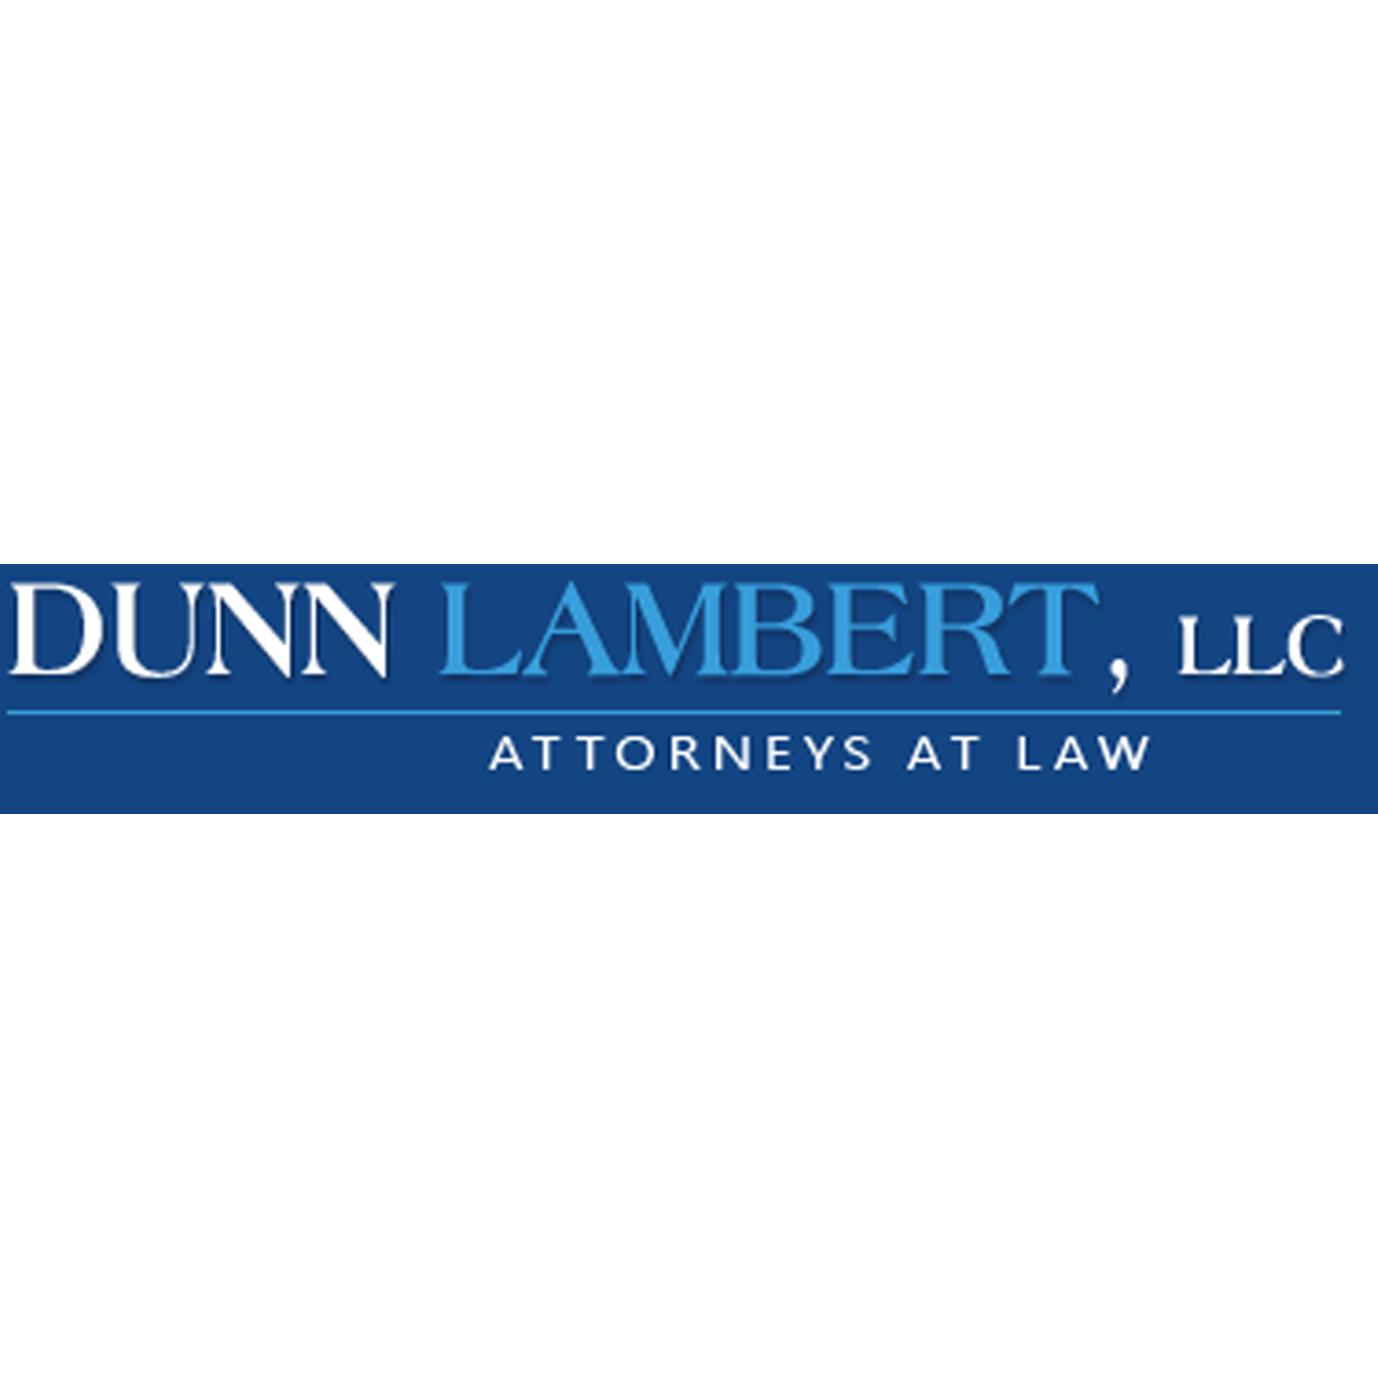 Dunn Lambert, LLC